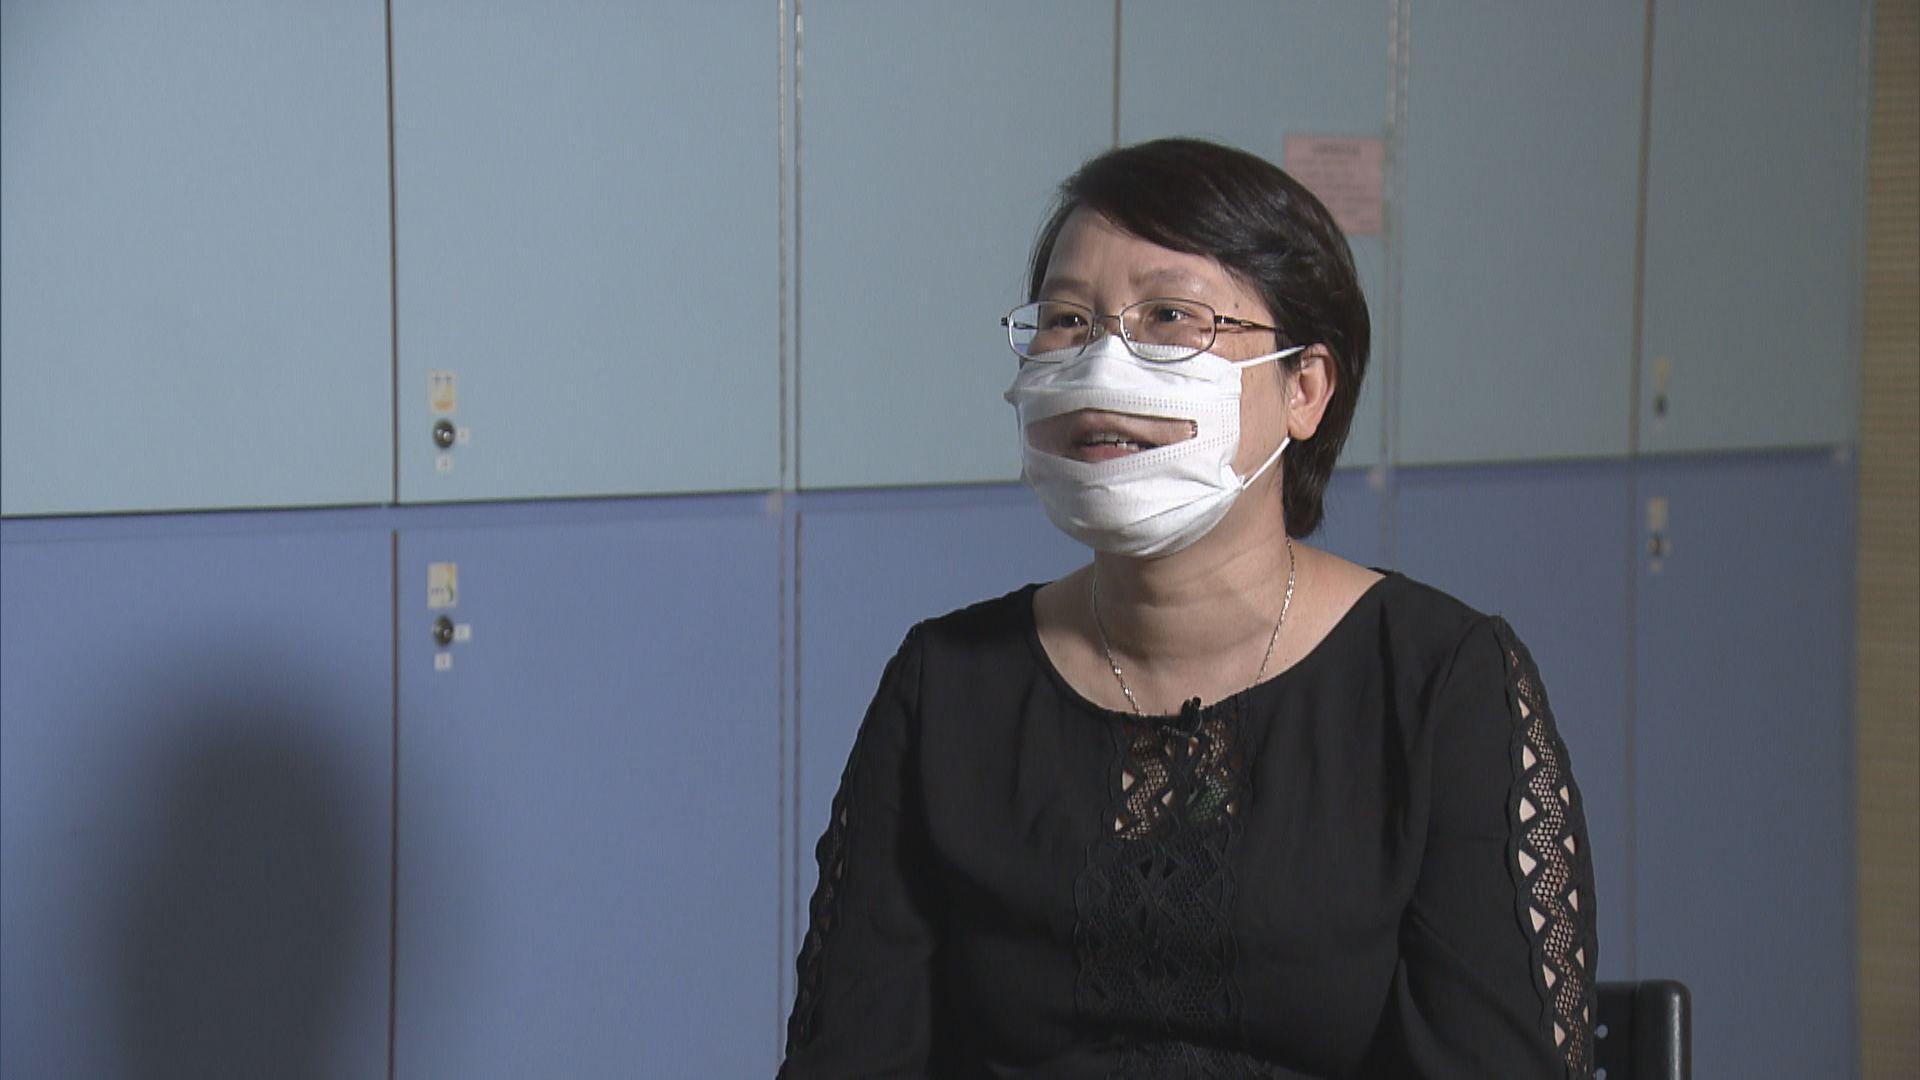 志願團體研發透明口罩協助聽障人士讀唇